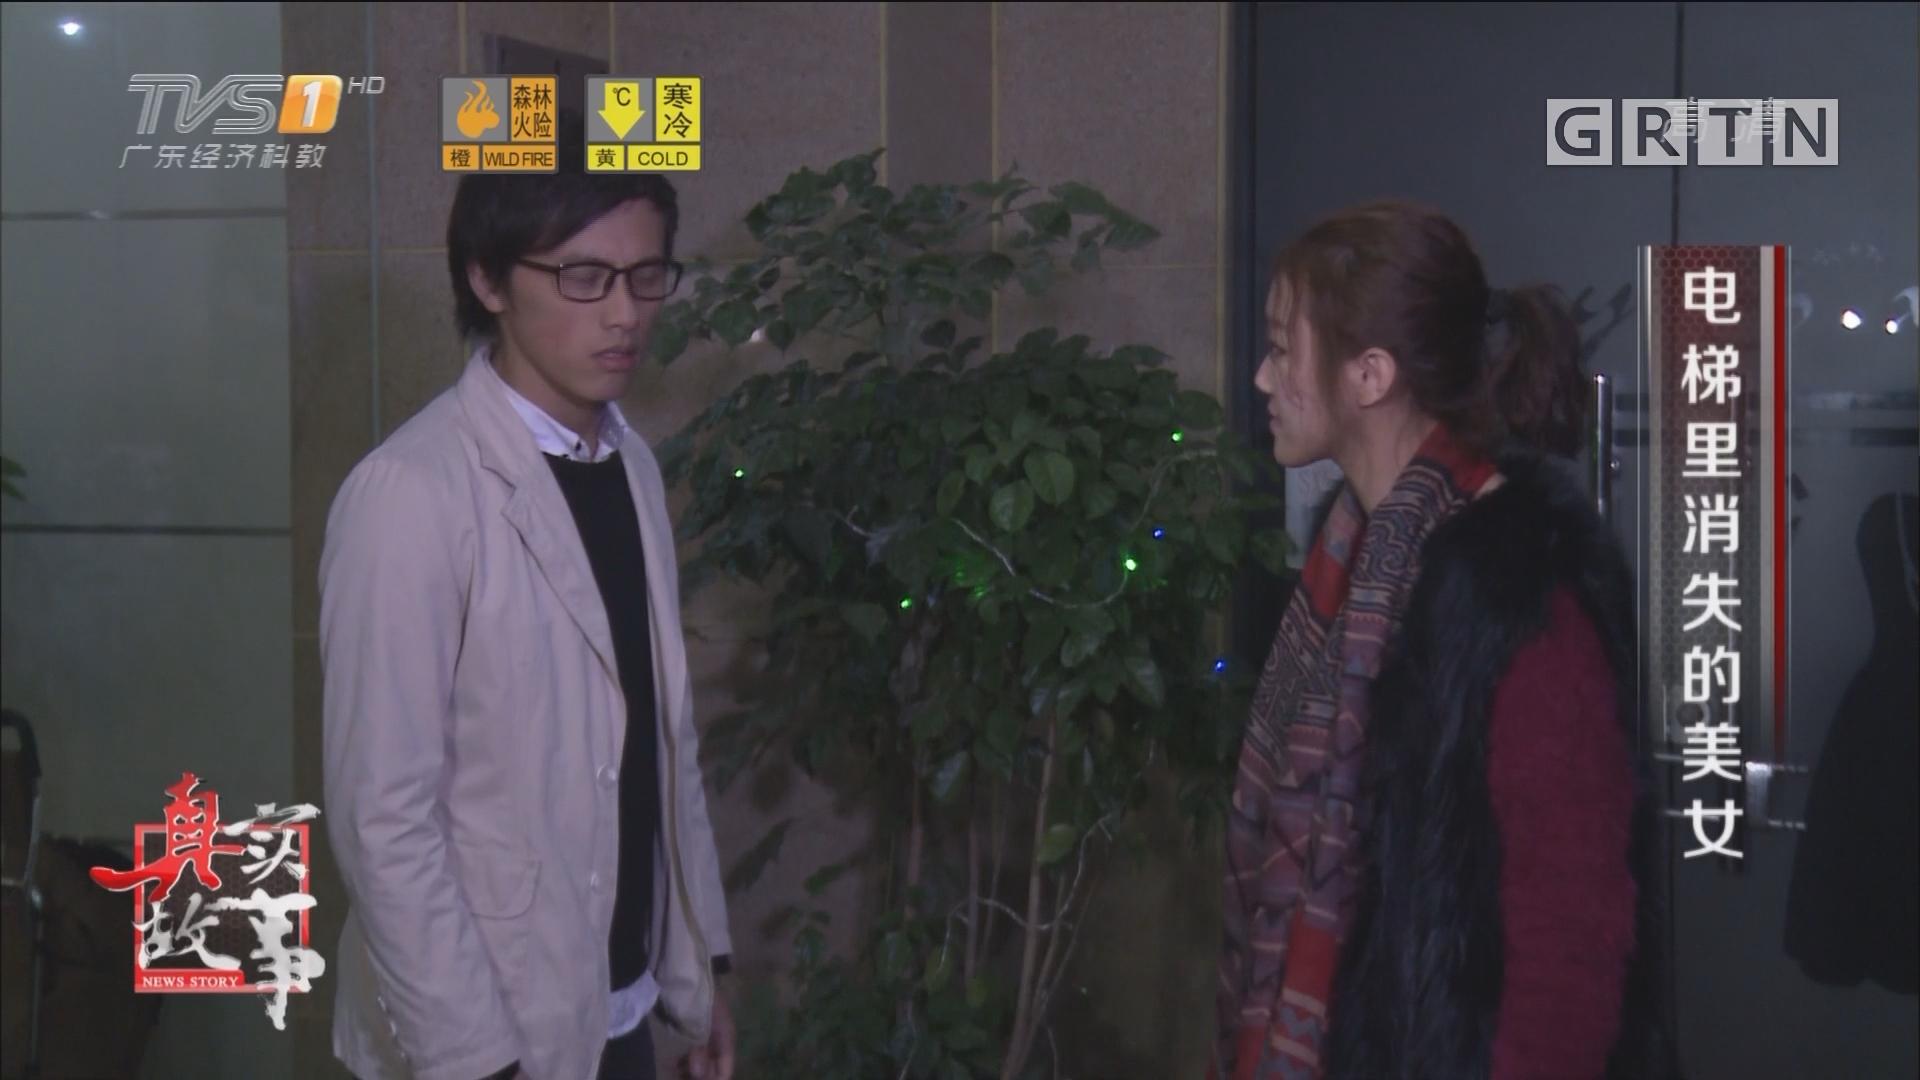 [HD][2017-12-18]真实故事:电梯里消失的美女